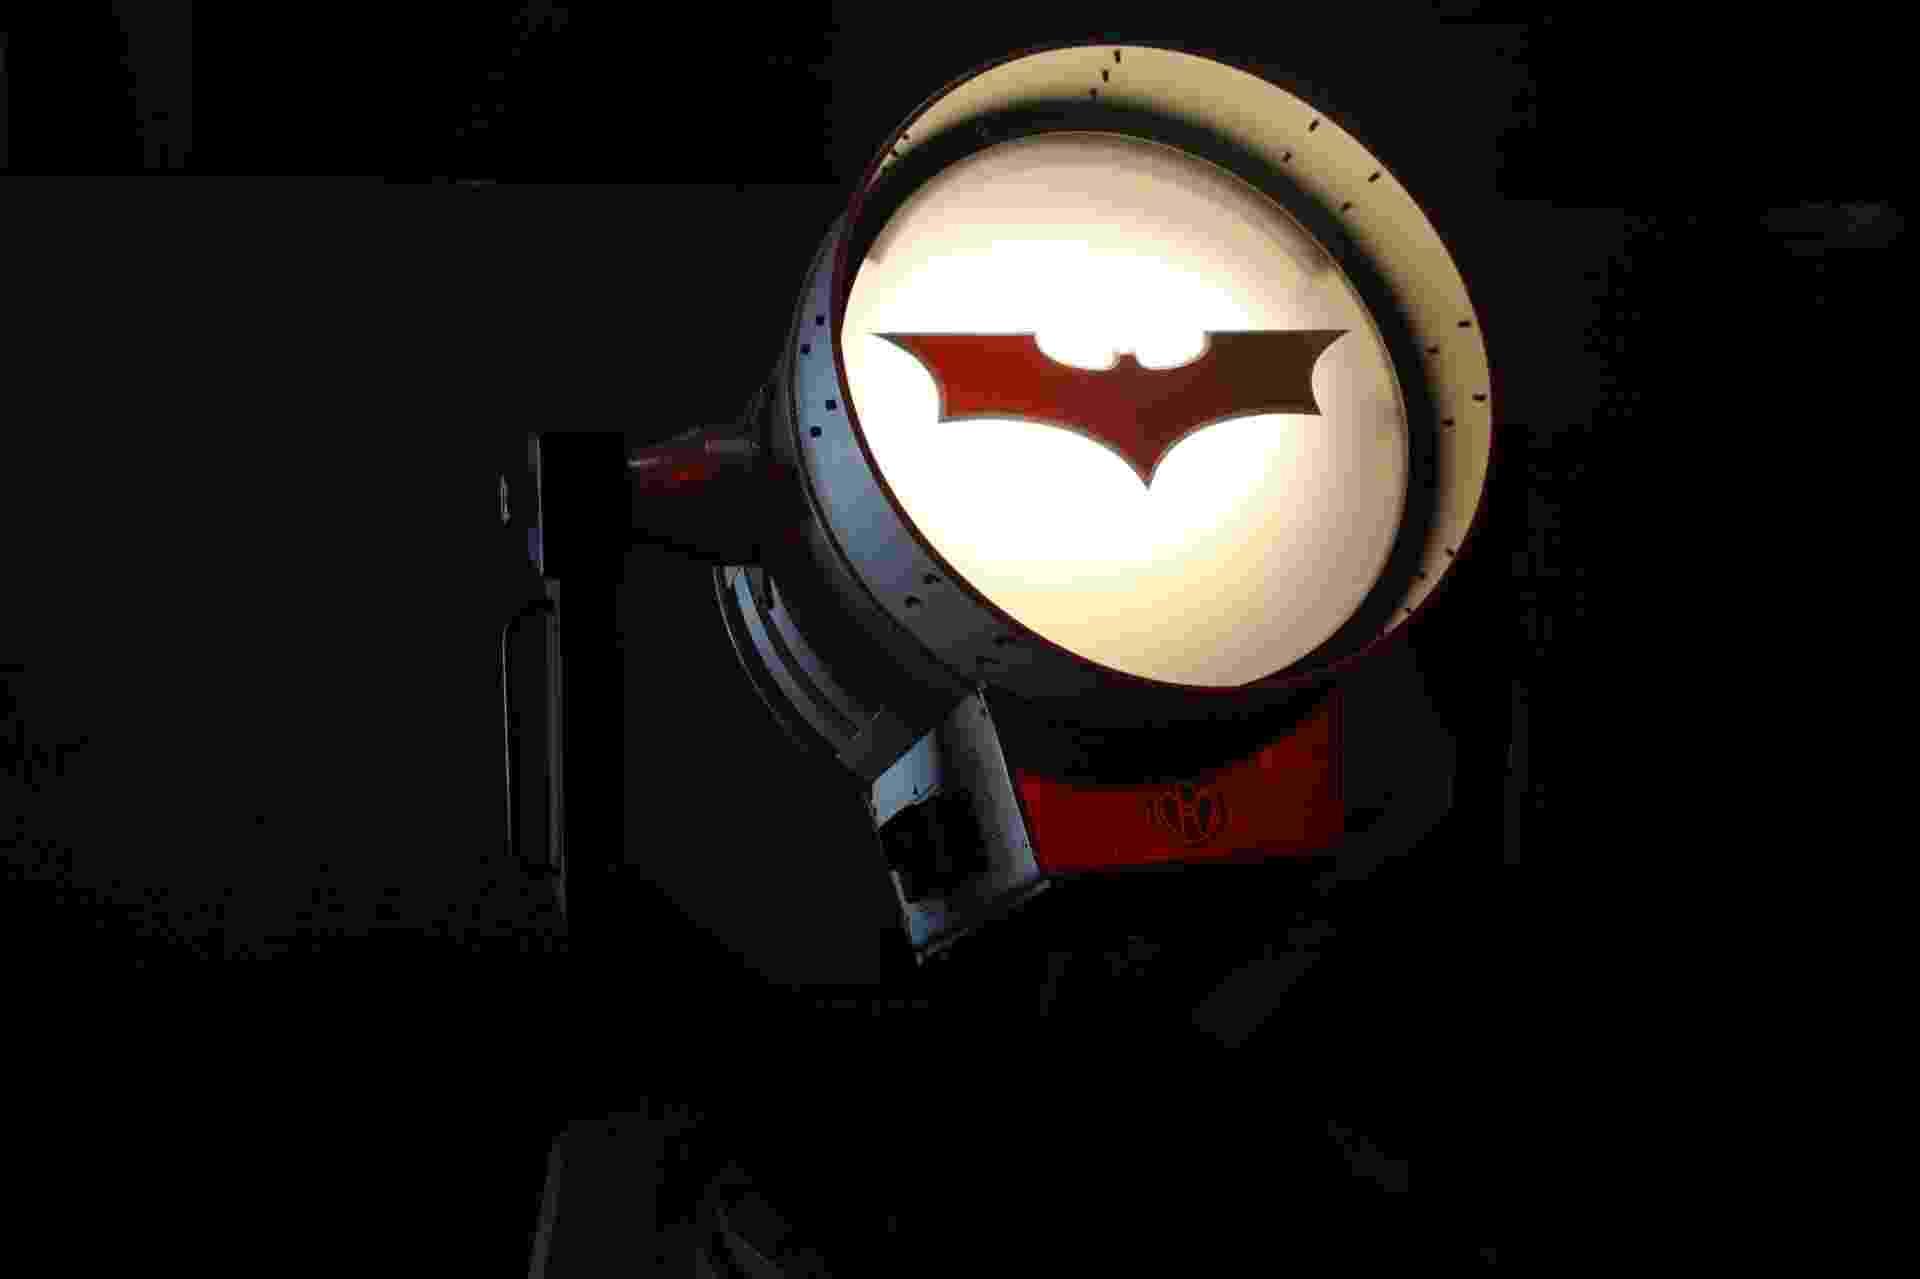 1º.ago.2014 - Batsinal decora ambiente chamado de Batcaverna; locação está no roteiro da Warner Bros. VIP Studio Tour, na Califórnia, que celebra os 75 anos de Batman - Emerson Rodrigues/UOL